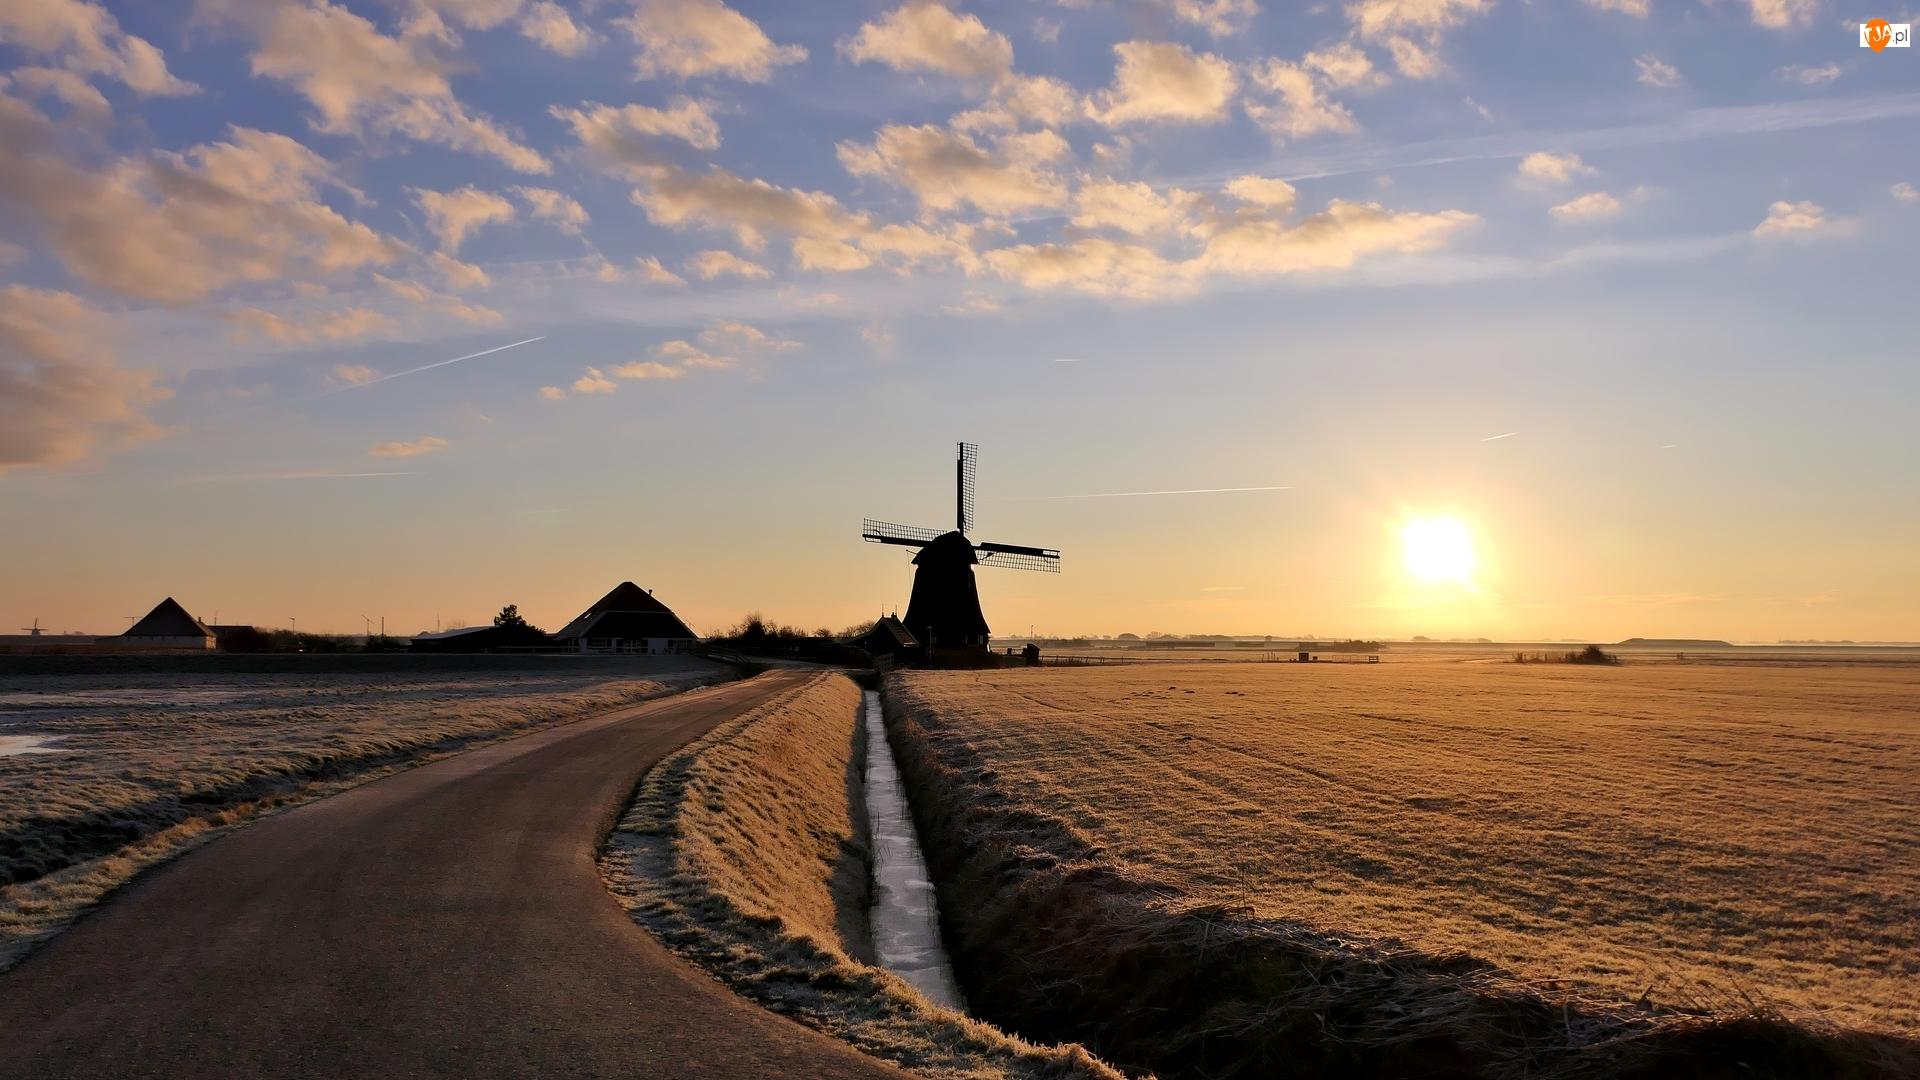 Droga, Wschód słońca, Pole, Wiatrak, Domy